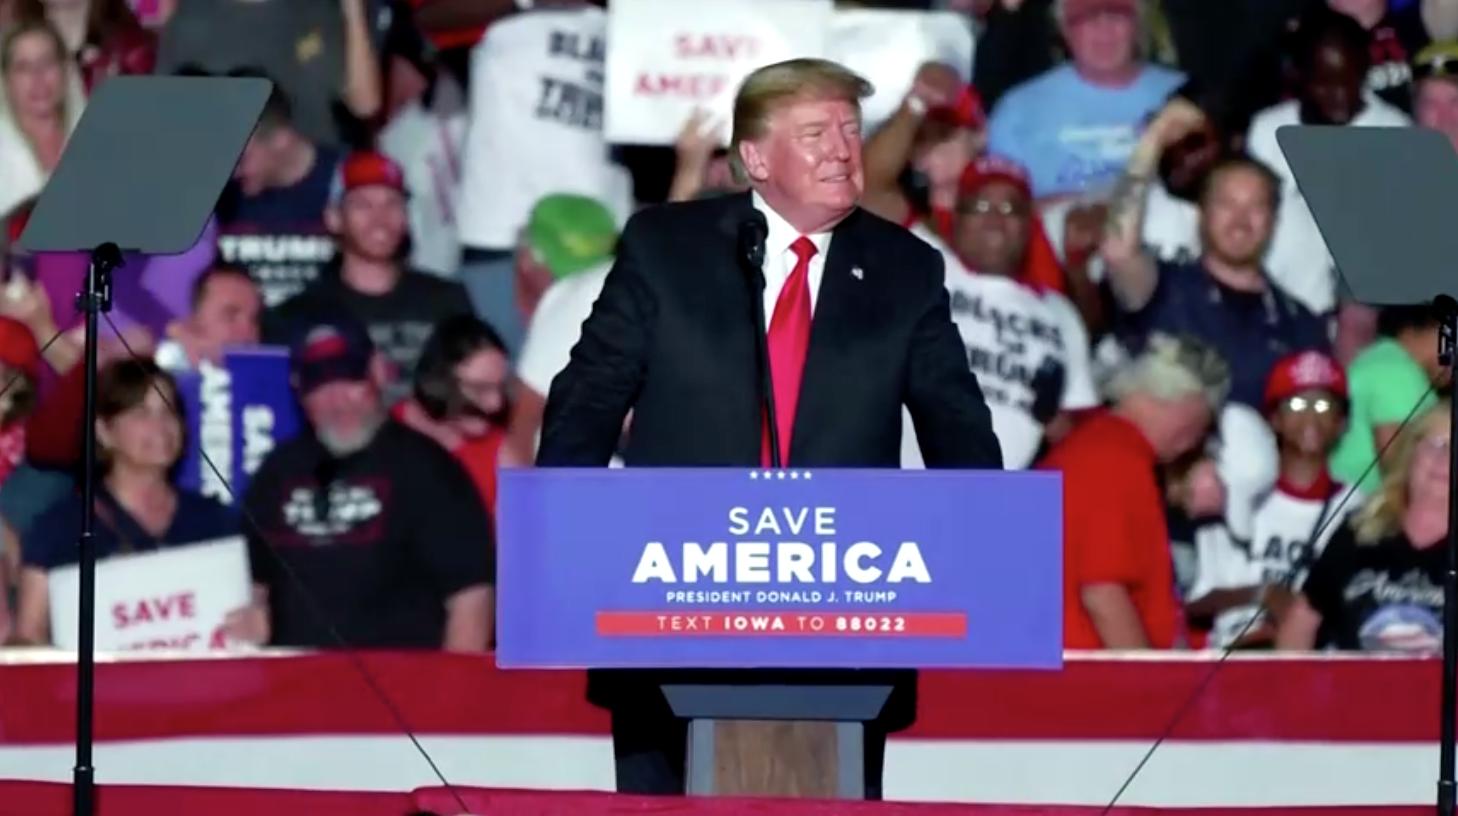 Áo choàng mà Saudi Arabia tặng ông Trump bị tố là hàng giả